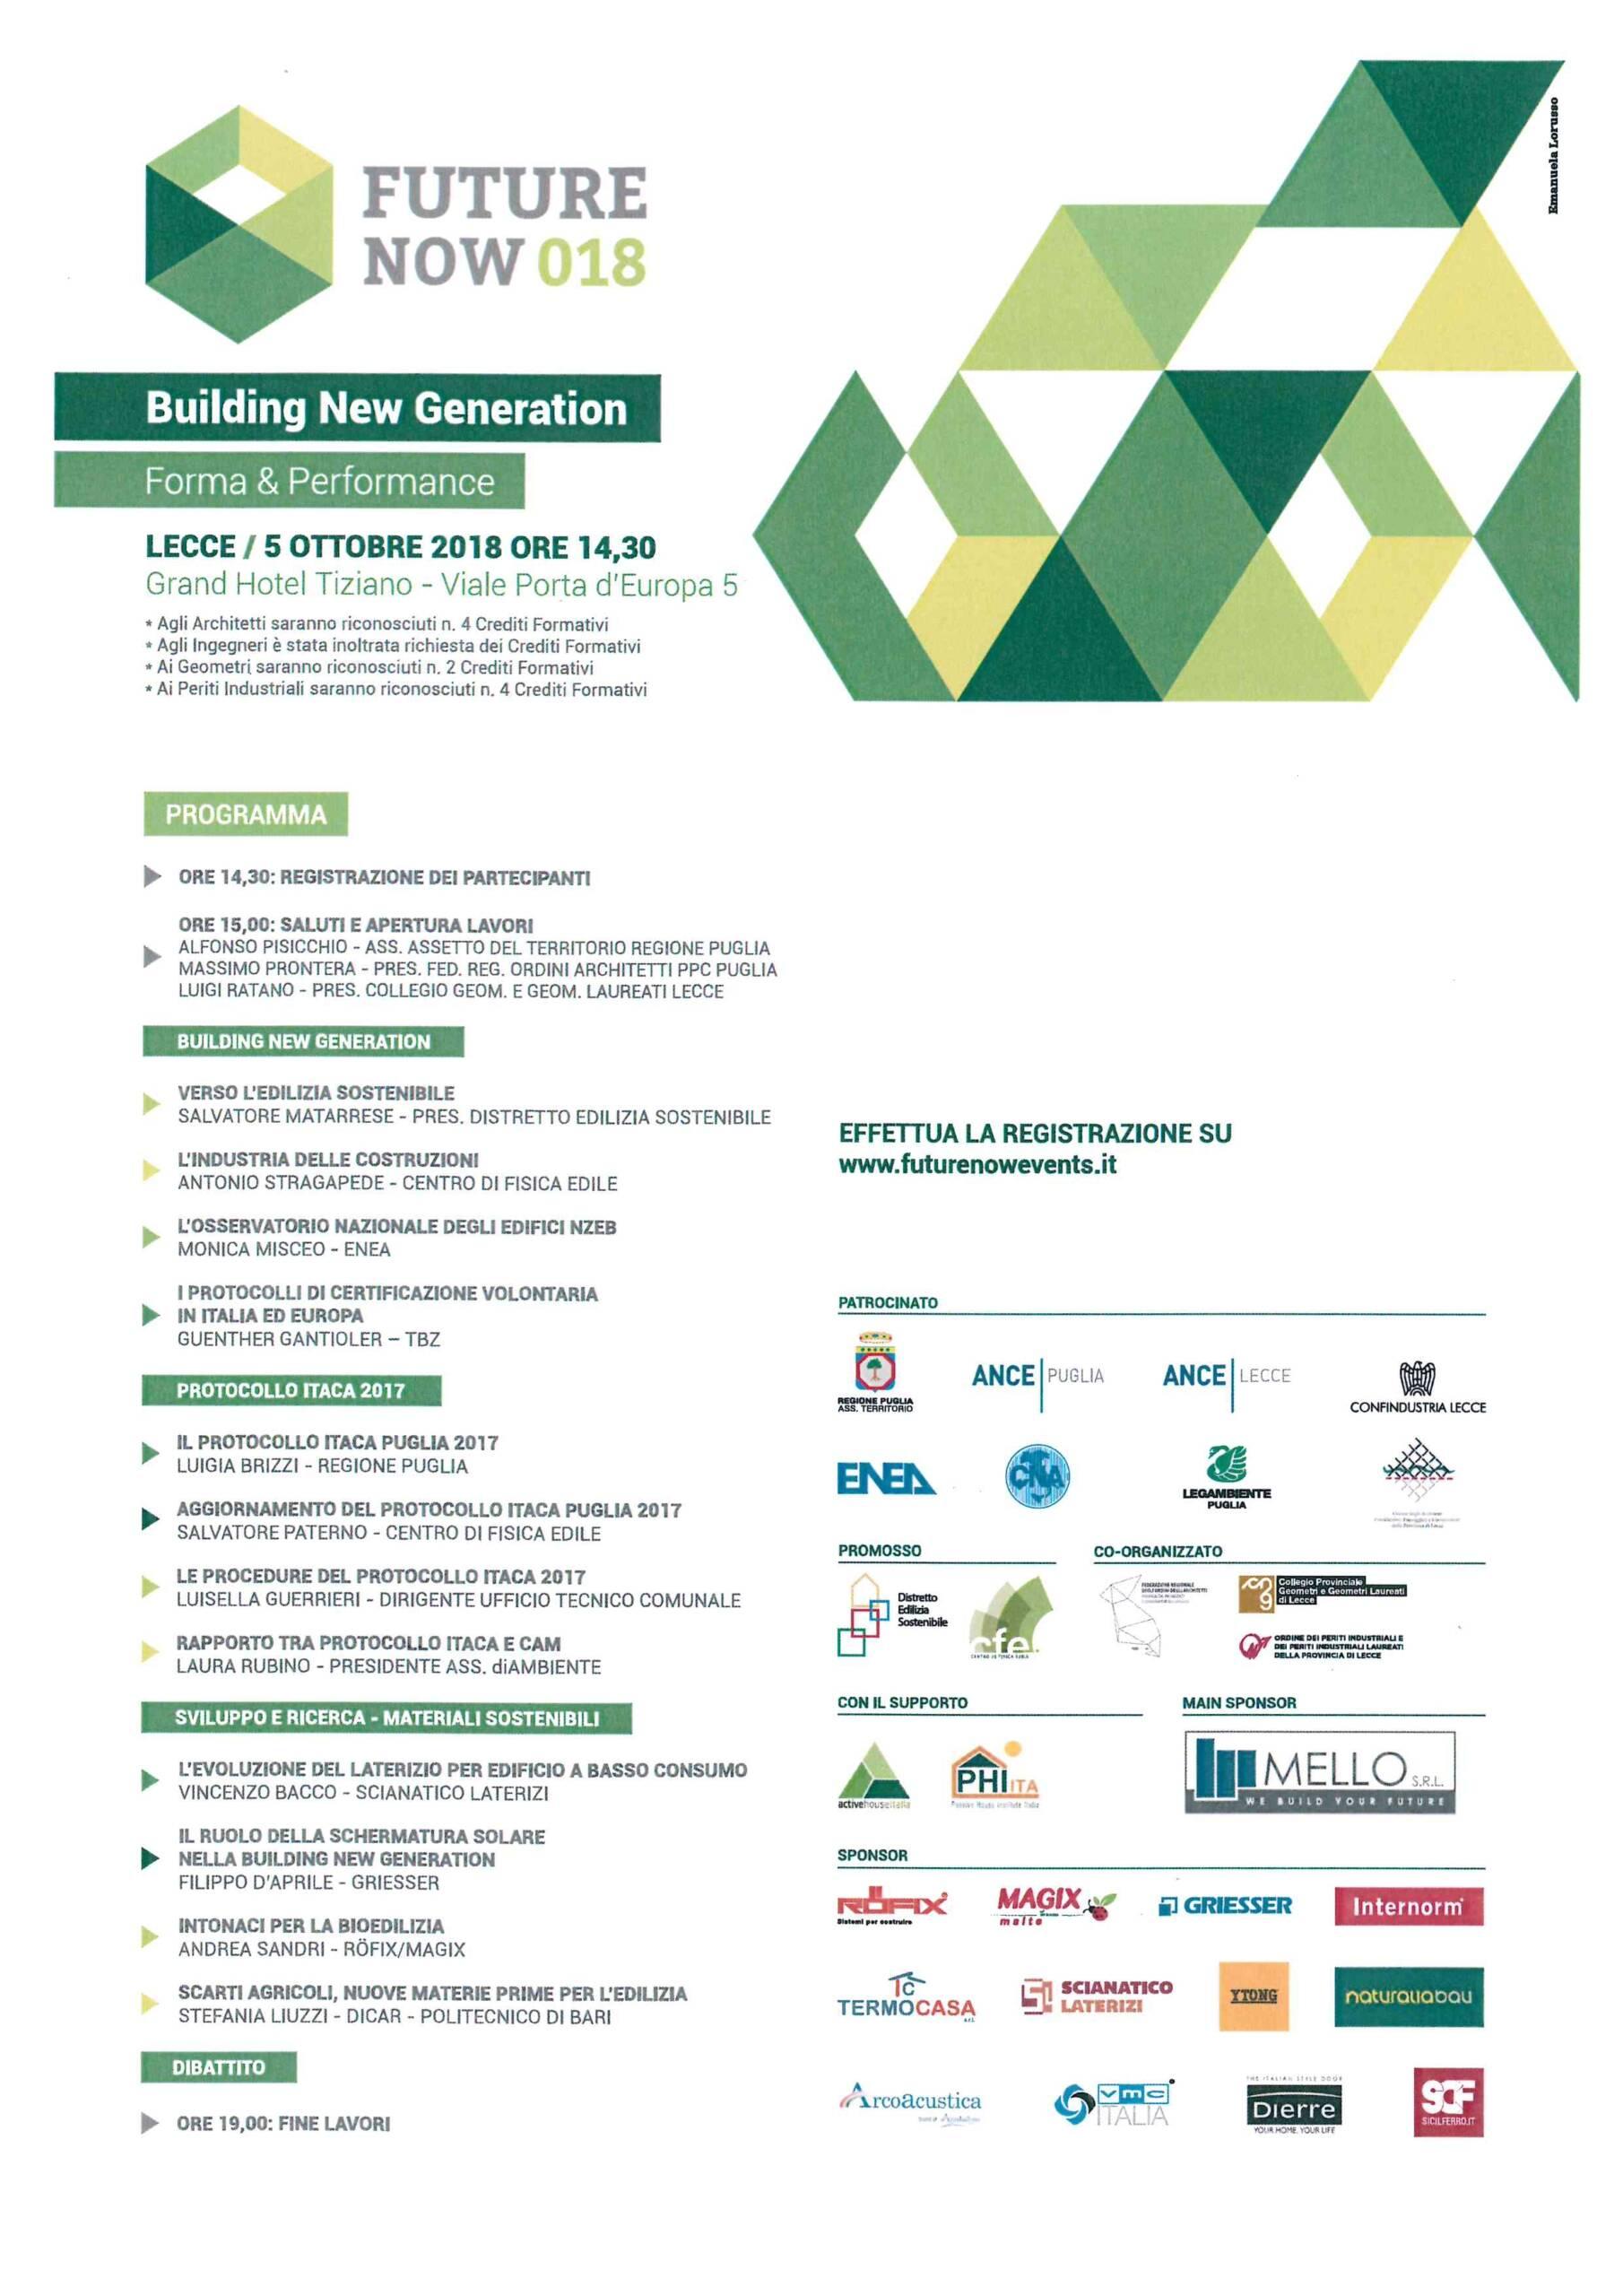 """Evento FutureNow_018 """"Building New Generation"""" – Lecce 05/10/2018"""